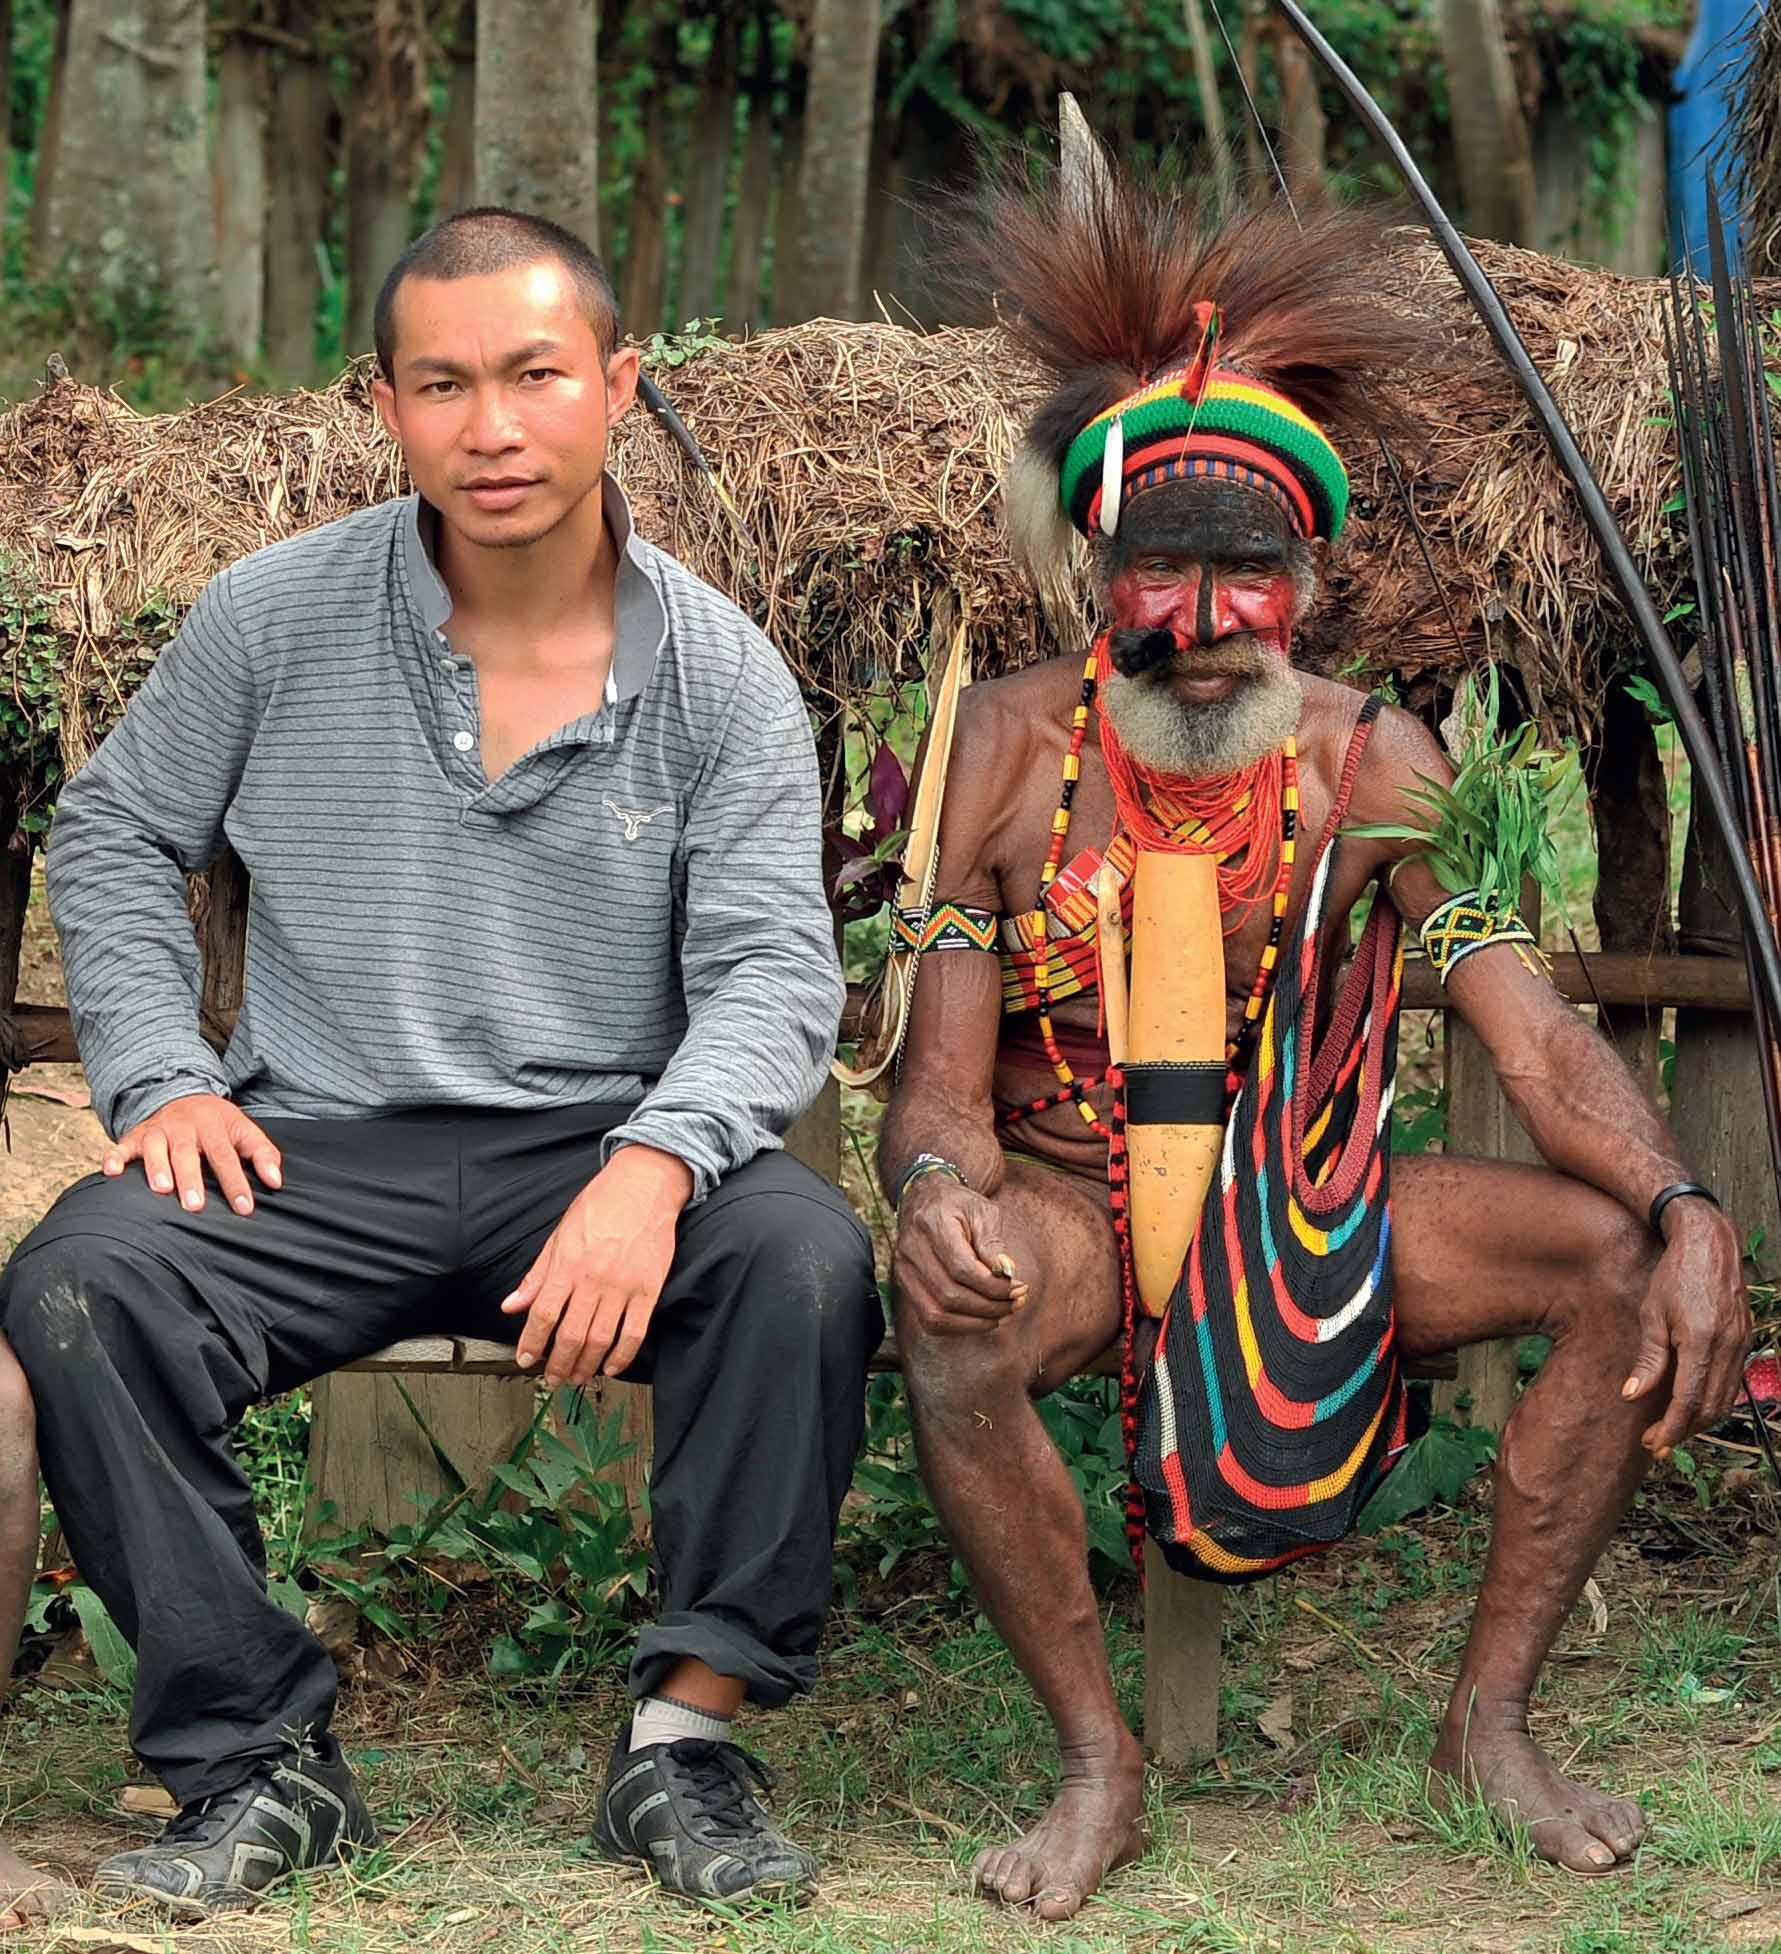 Tác giả cùng già Kerao thuộc bộ tộc Lani ở thung lũng Baliem